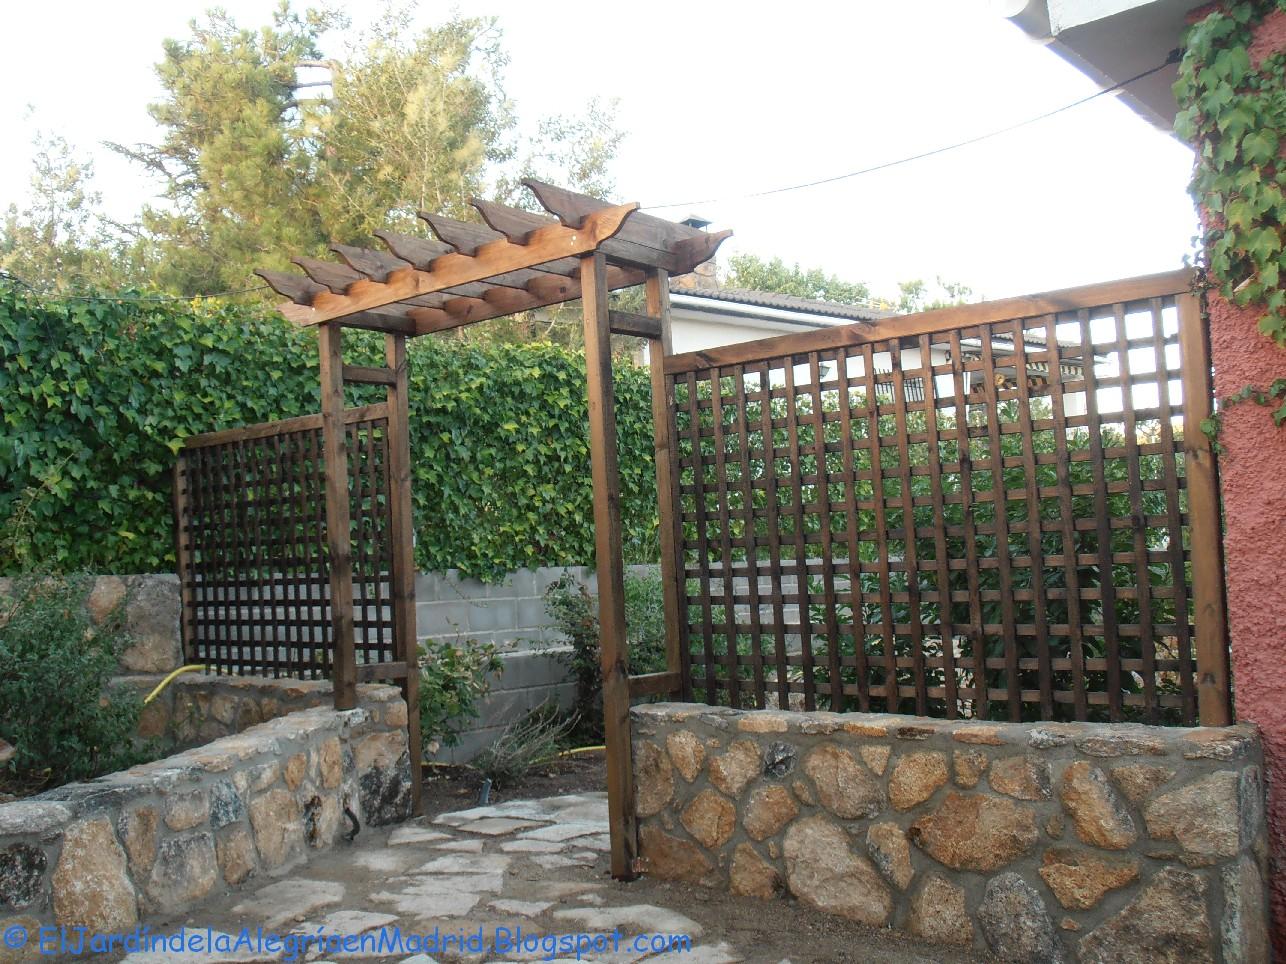 El jard n de la alegr a constru mos un arco de madera for Celosias de jardin